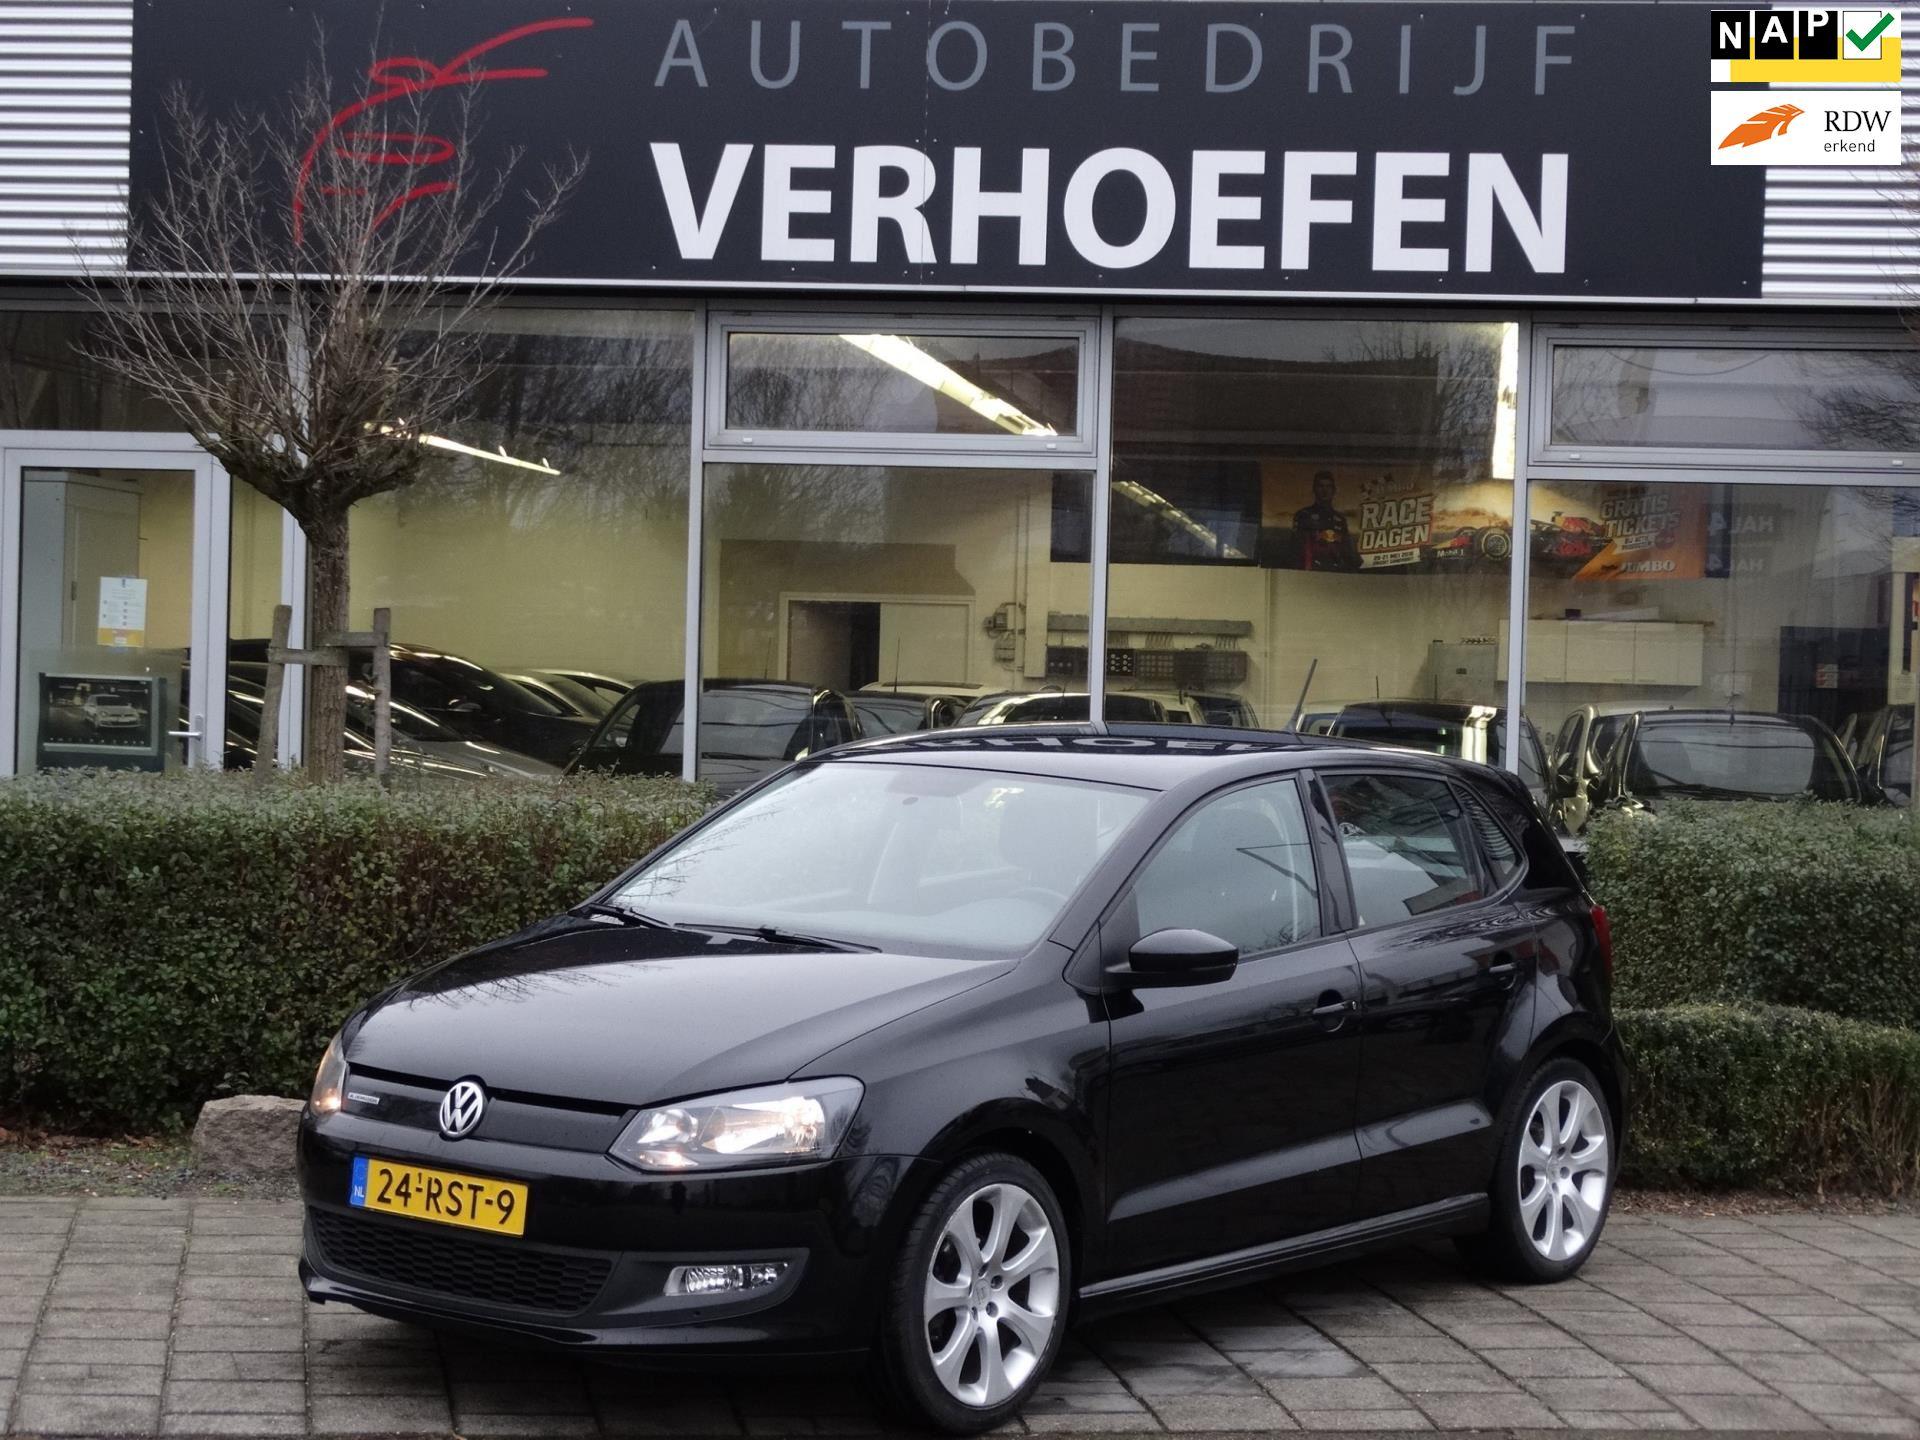 Volkswagen Polo occasion - Autobedrijf Verhoefen